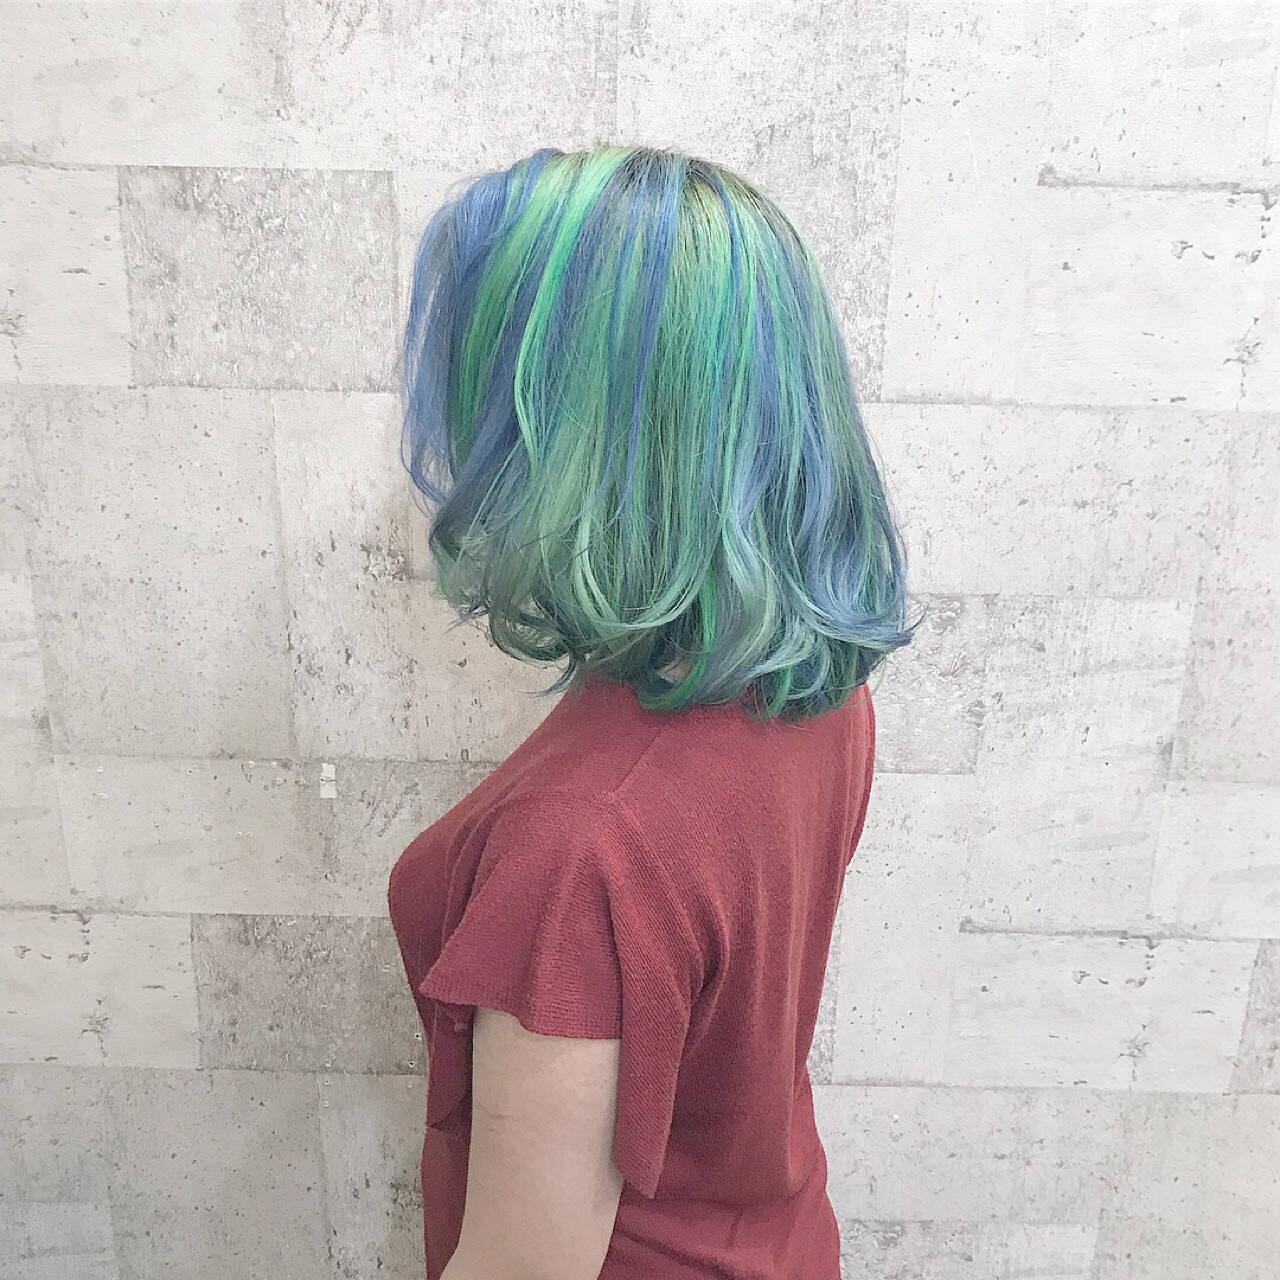 ダブルカラー 外国人風カラー ハイトーン ミディアムヘアスタイルや髪型の写真・画像